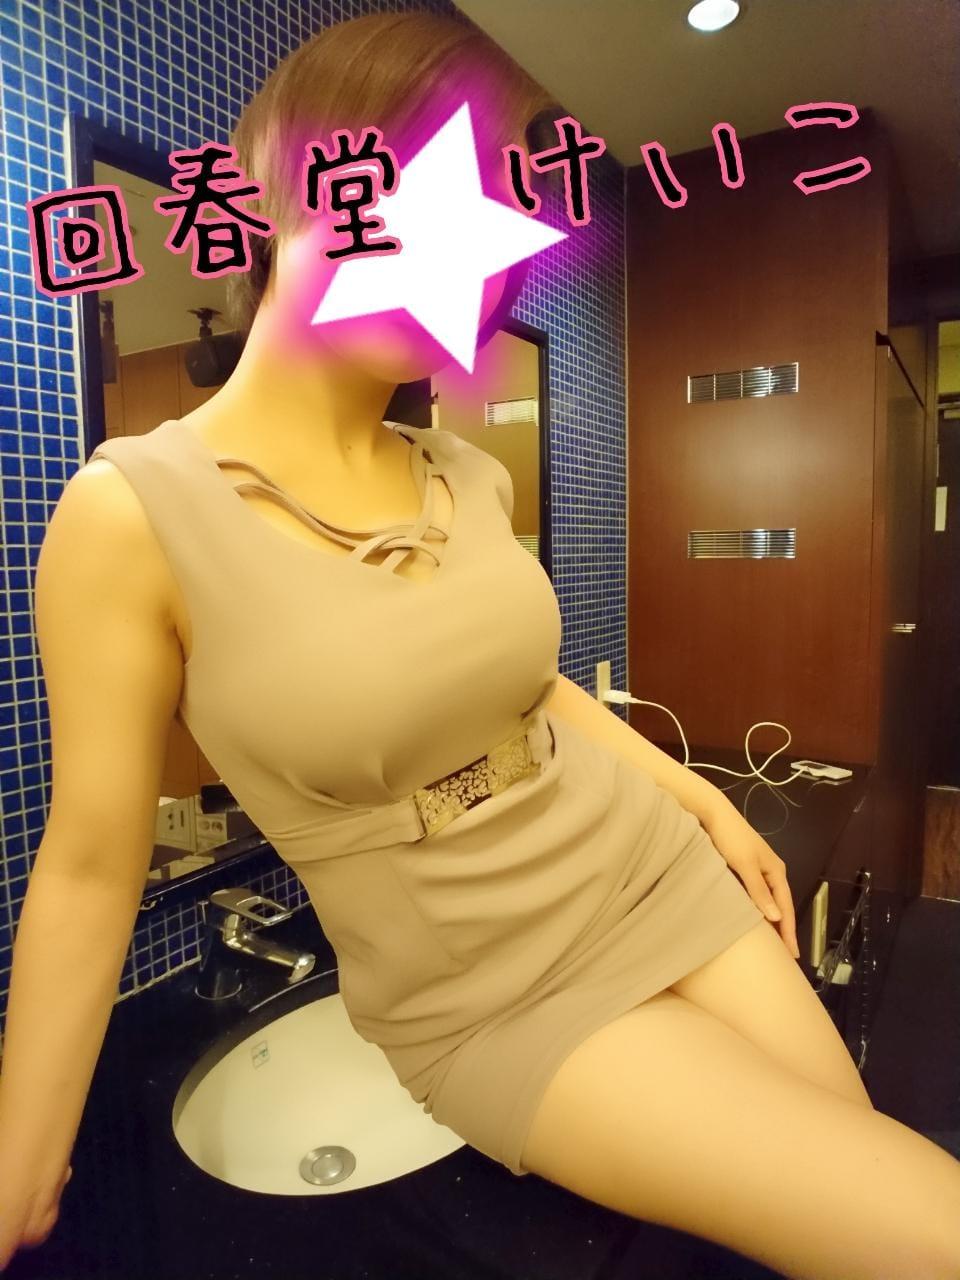 「ありがとう♪」12/15日(土) 01:05 | 景子-けいこ-の写メ・風俗動画